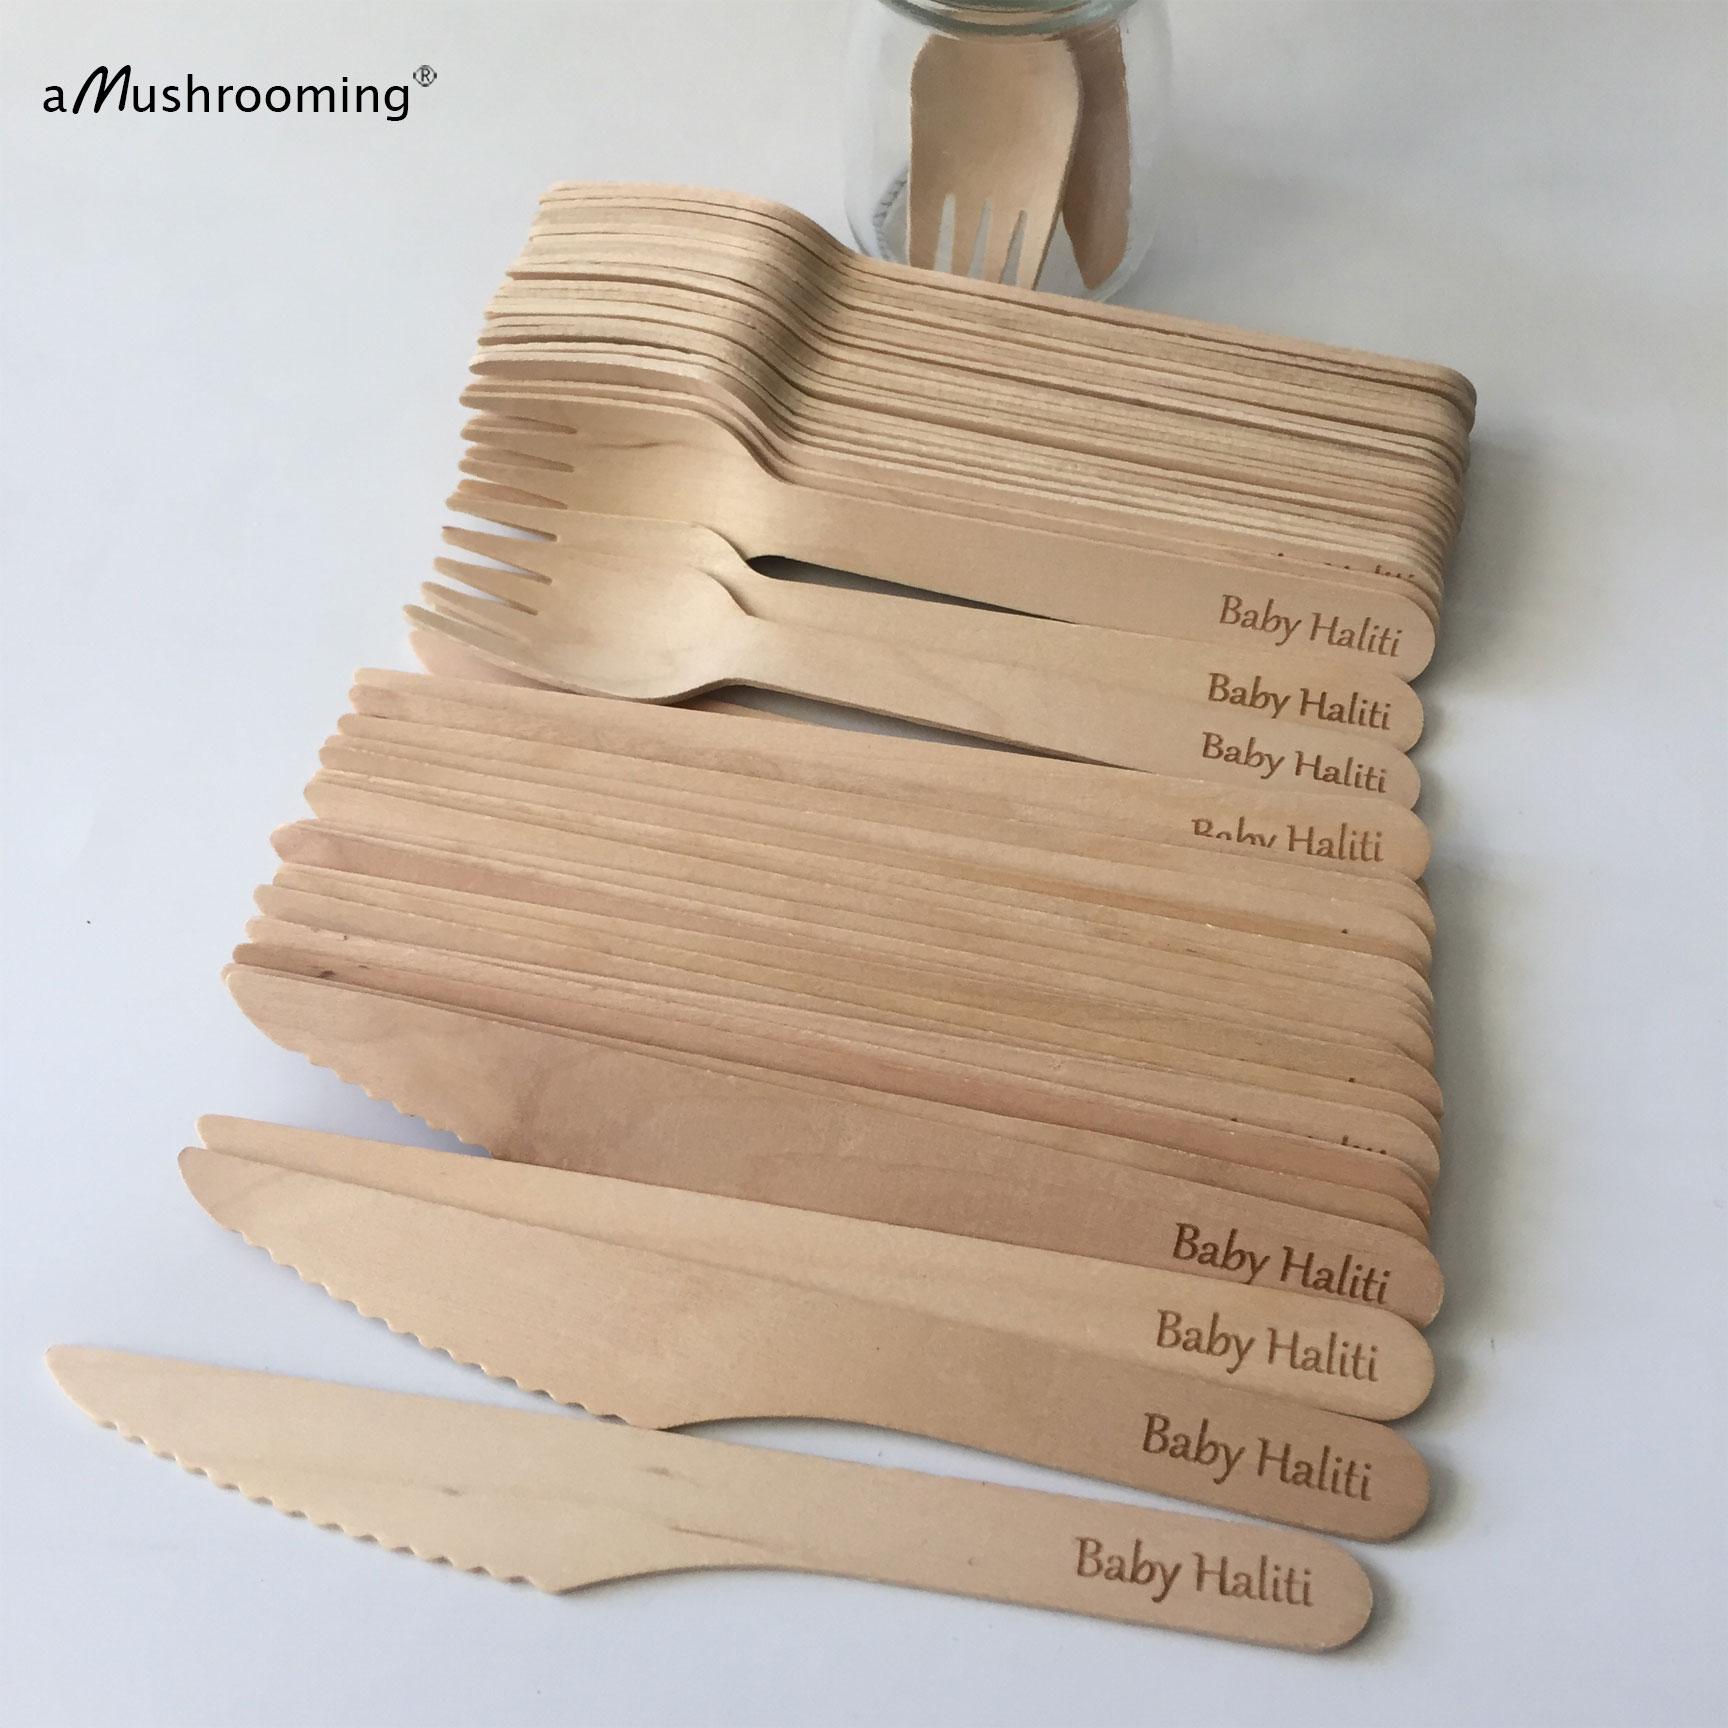 Große Einweg Besteck Personalisierte Name 25 Holz Gabeln Messer Angepasst Besteck   Erde Freundliche   Baby Geburtstag Kinder party